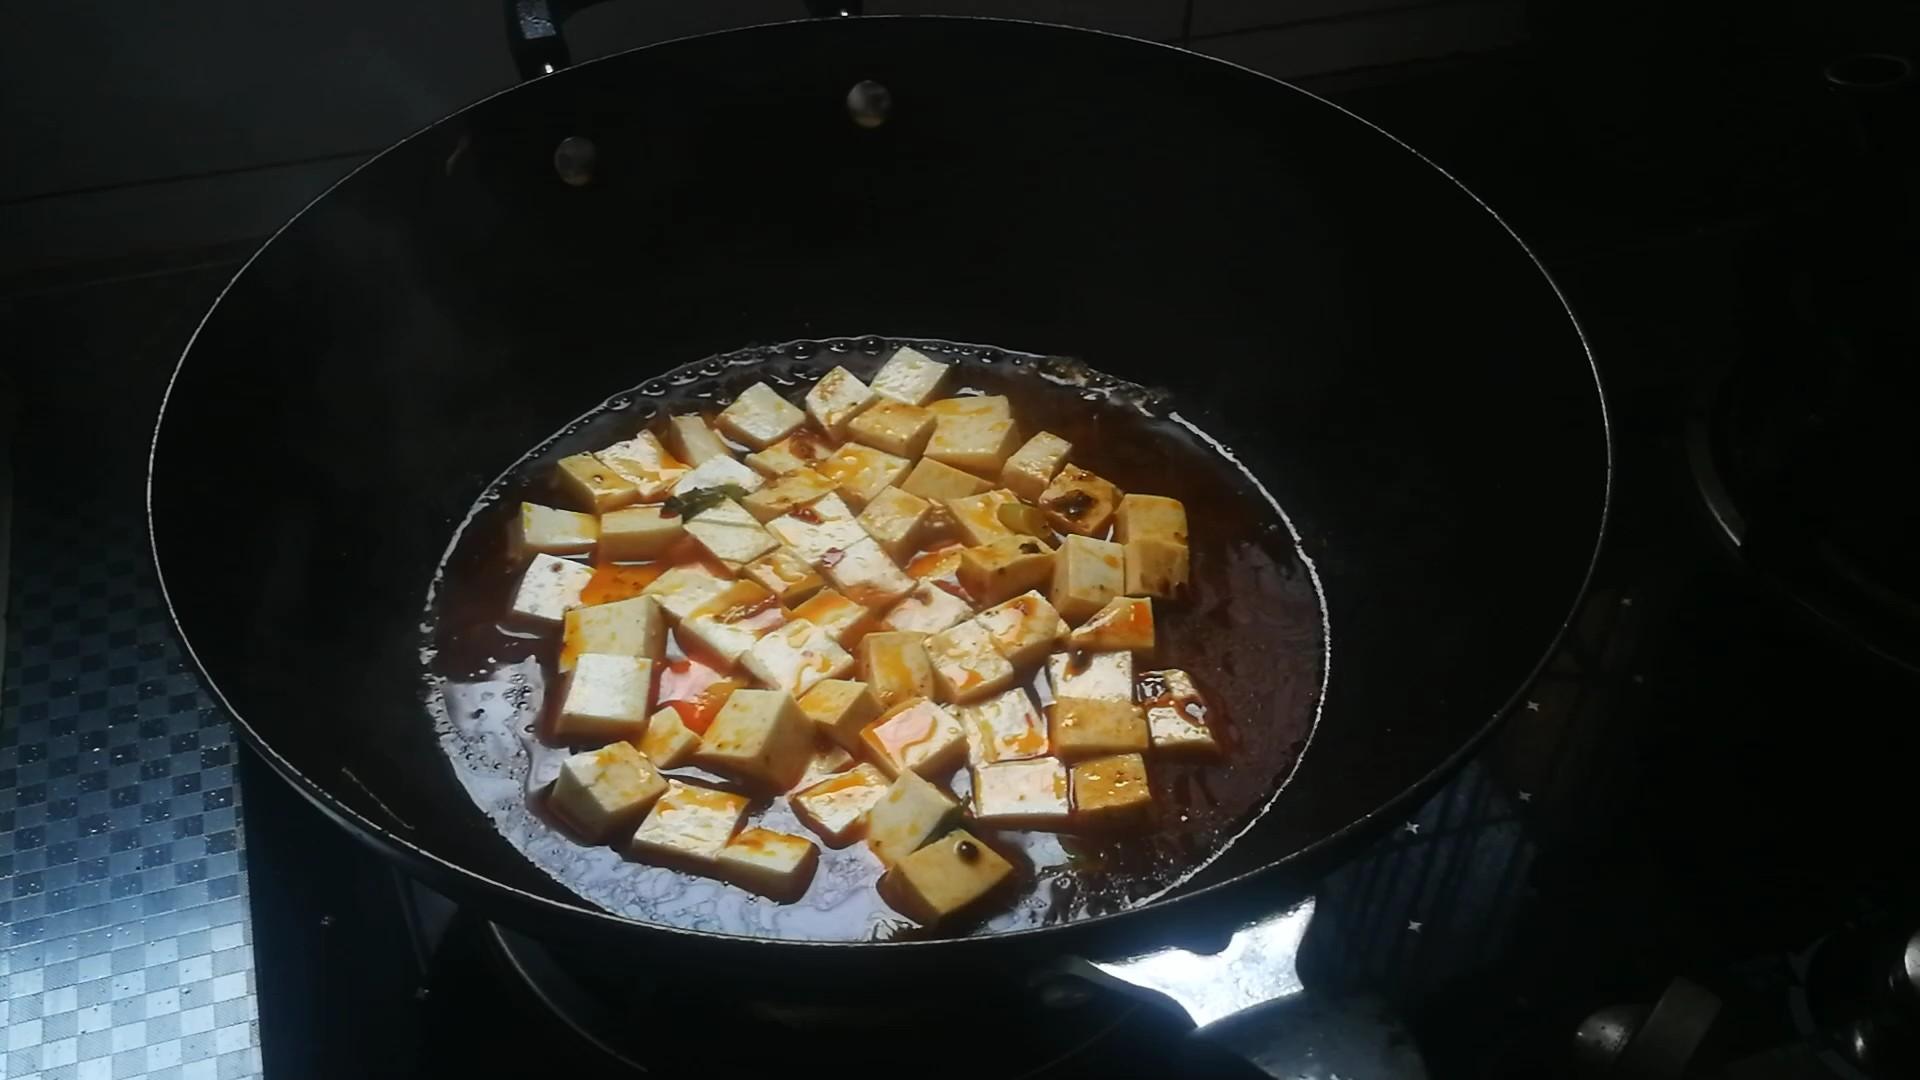 香辣牛肉烧豆腐的家常做法